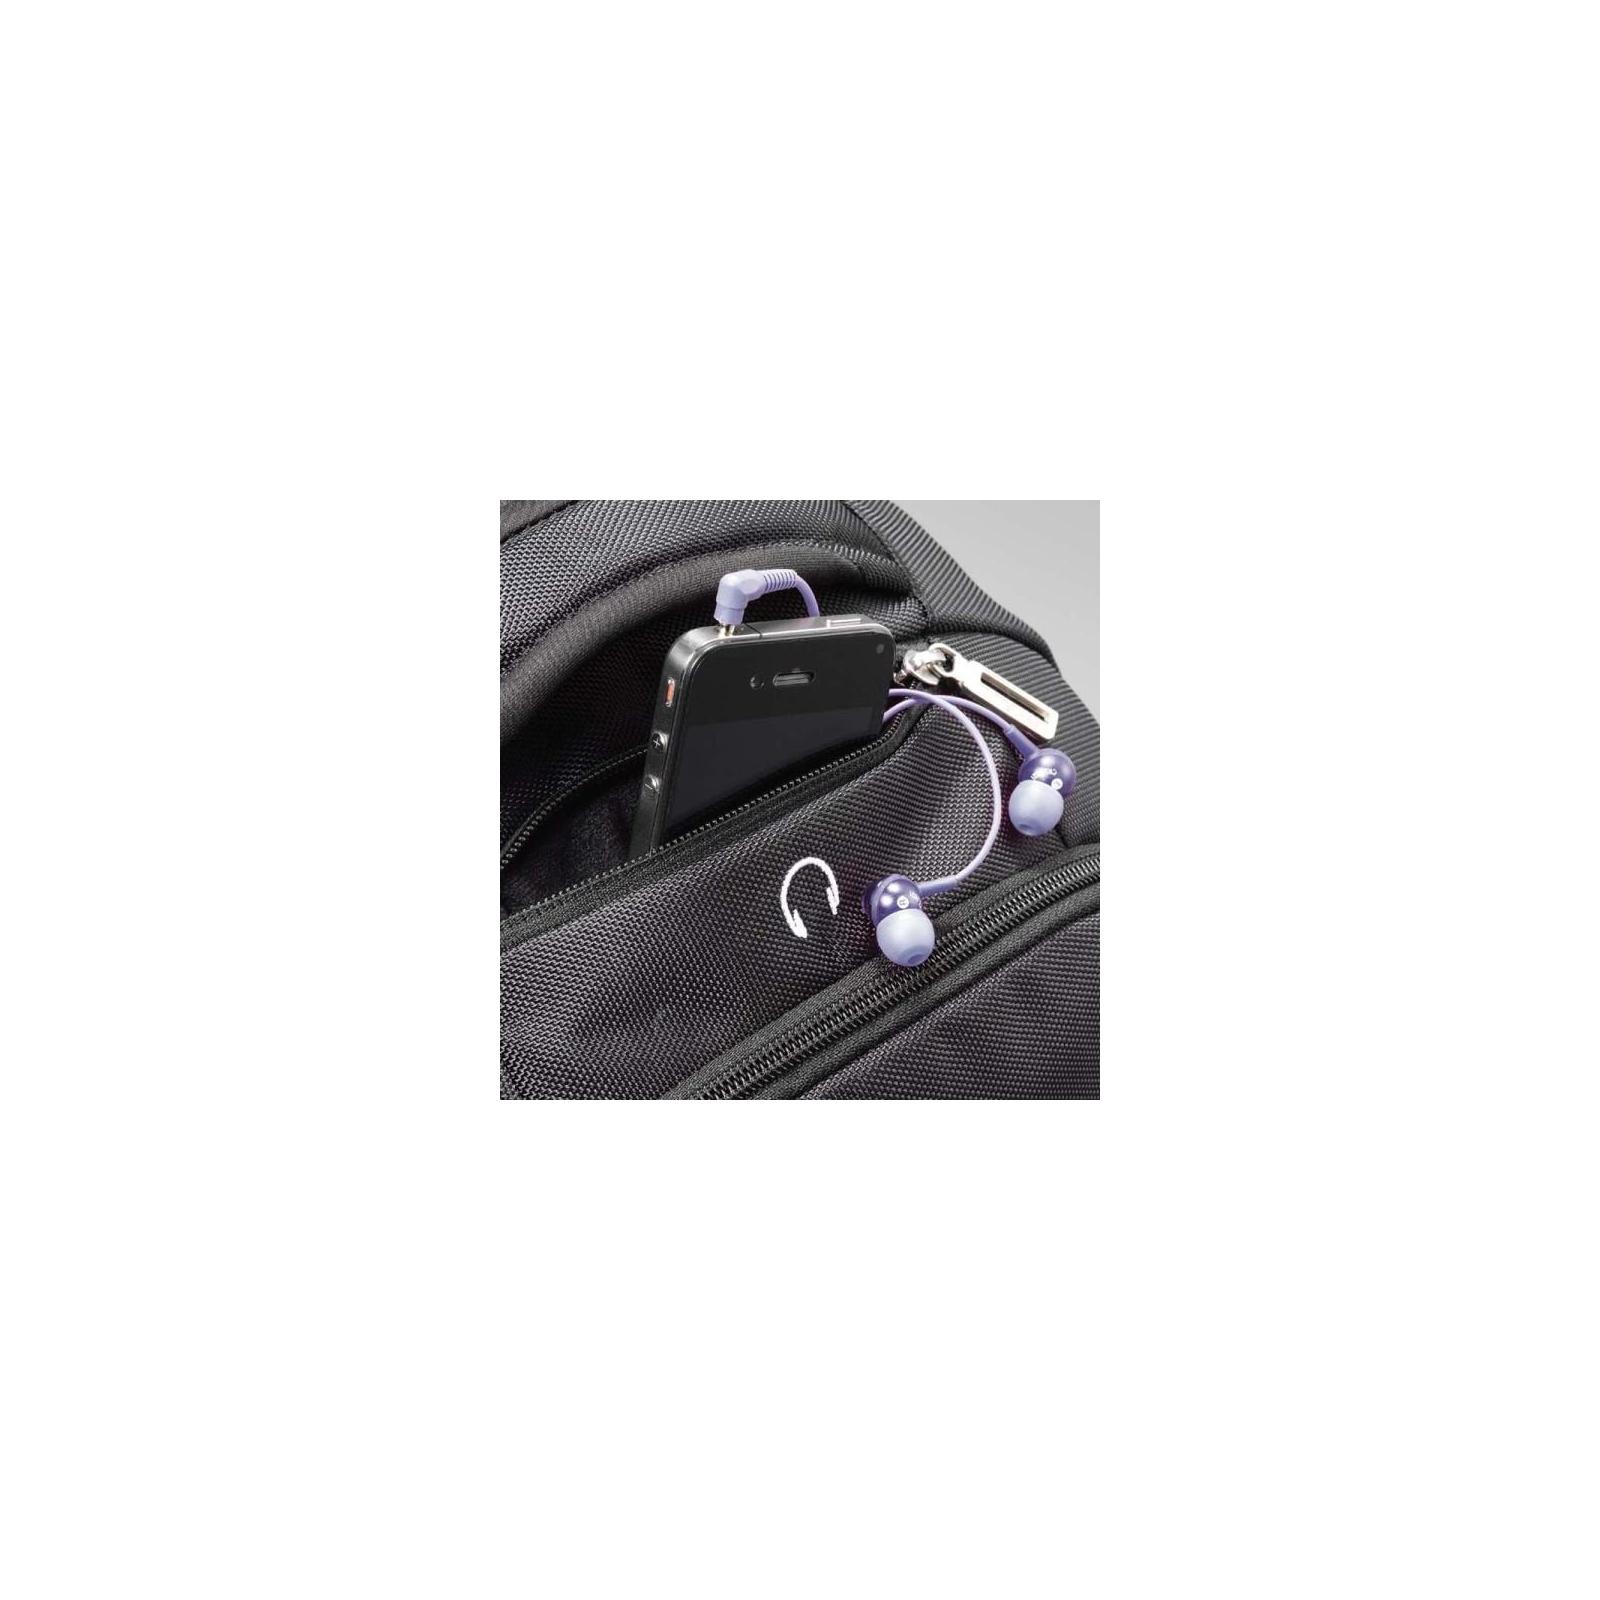 Рюкзак для ноутбука SUMDEX 16 (PON-381BK) изображение 6